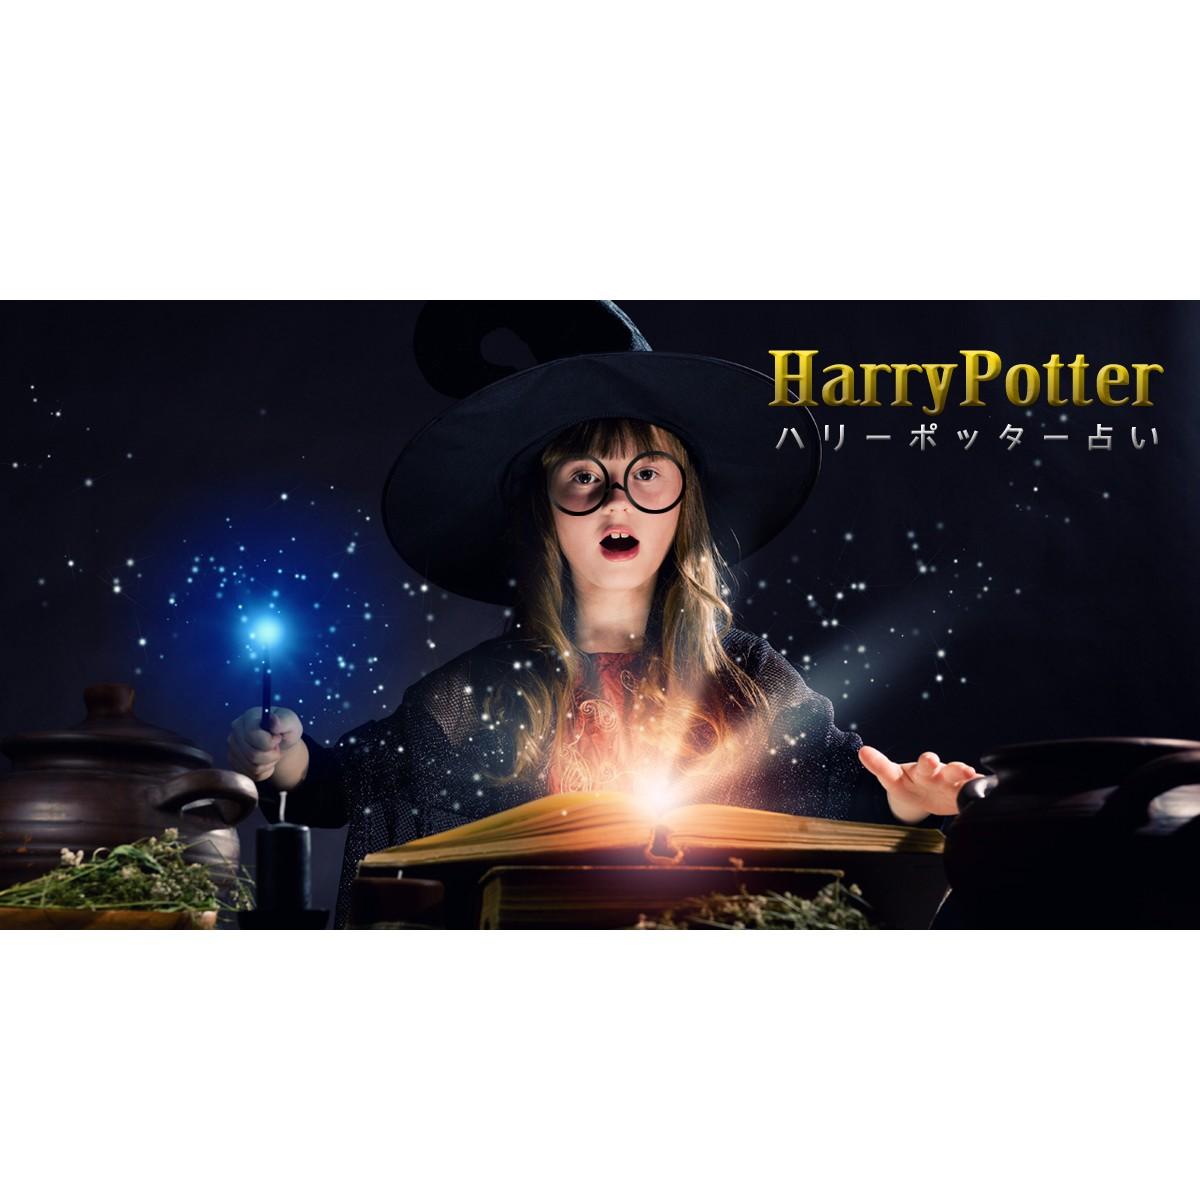 ホグワーツ魔法魔術学校の画像 p1_21